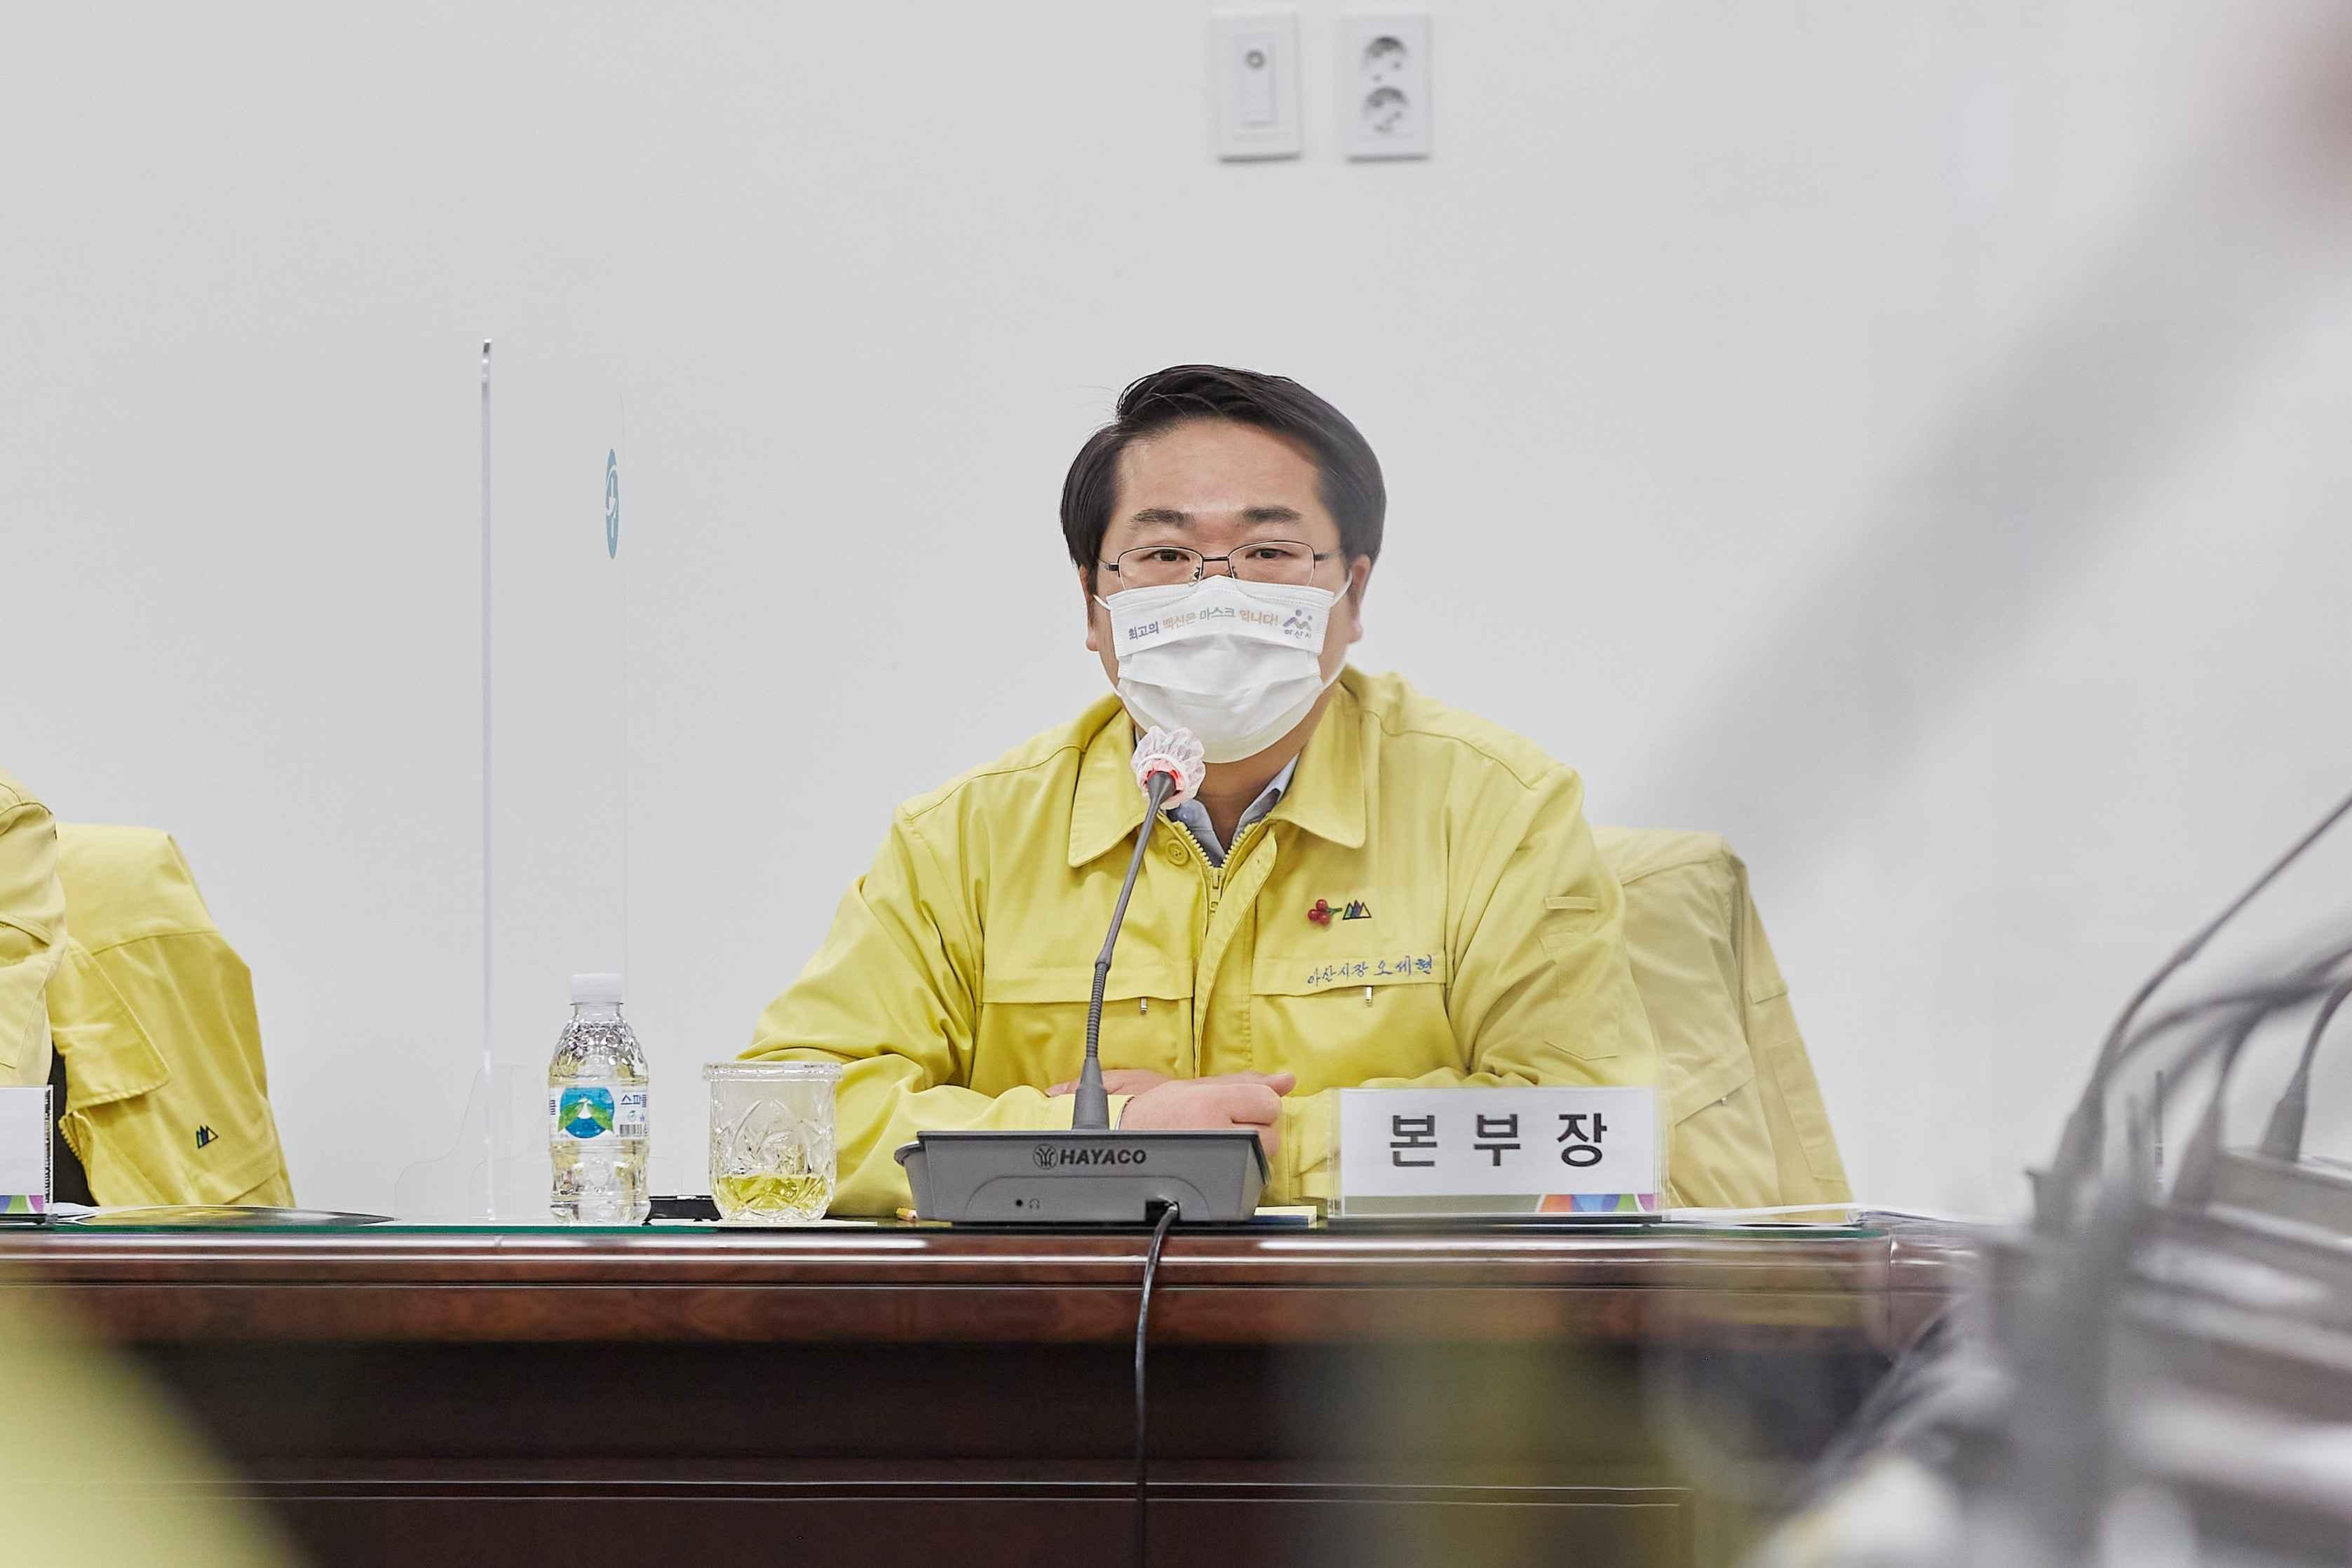 """오세현 시장, """"코로나19 선제적 전수검사 늘려 조용한 전파자 찾자""""  관련사진"""